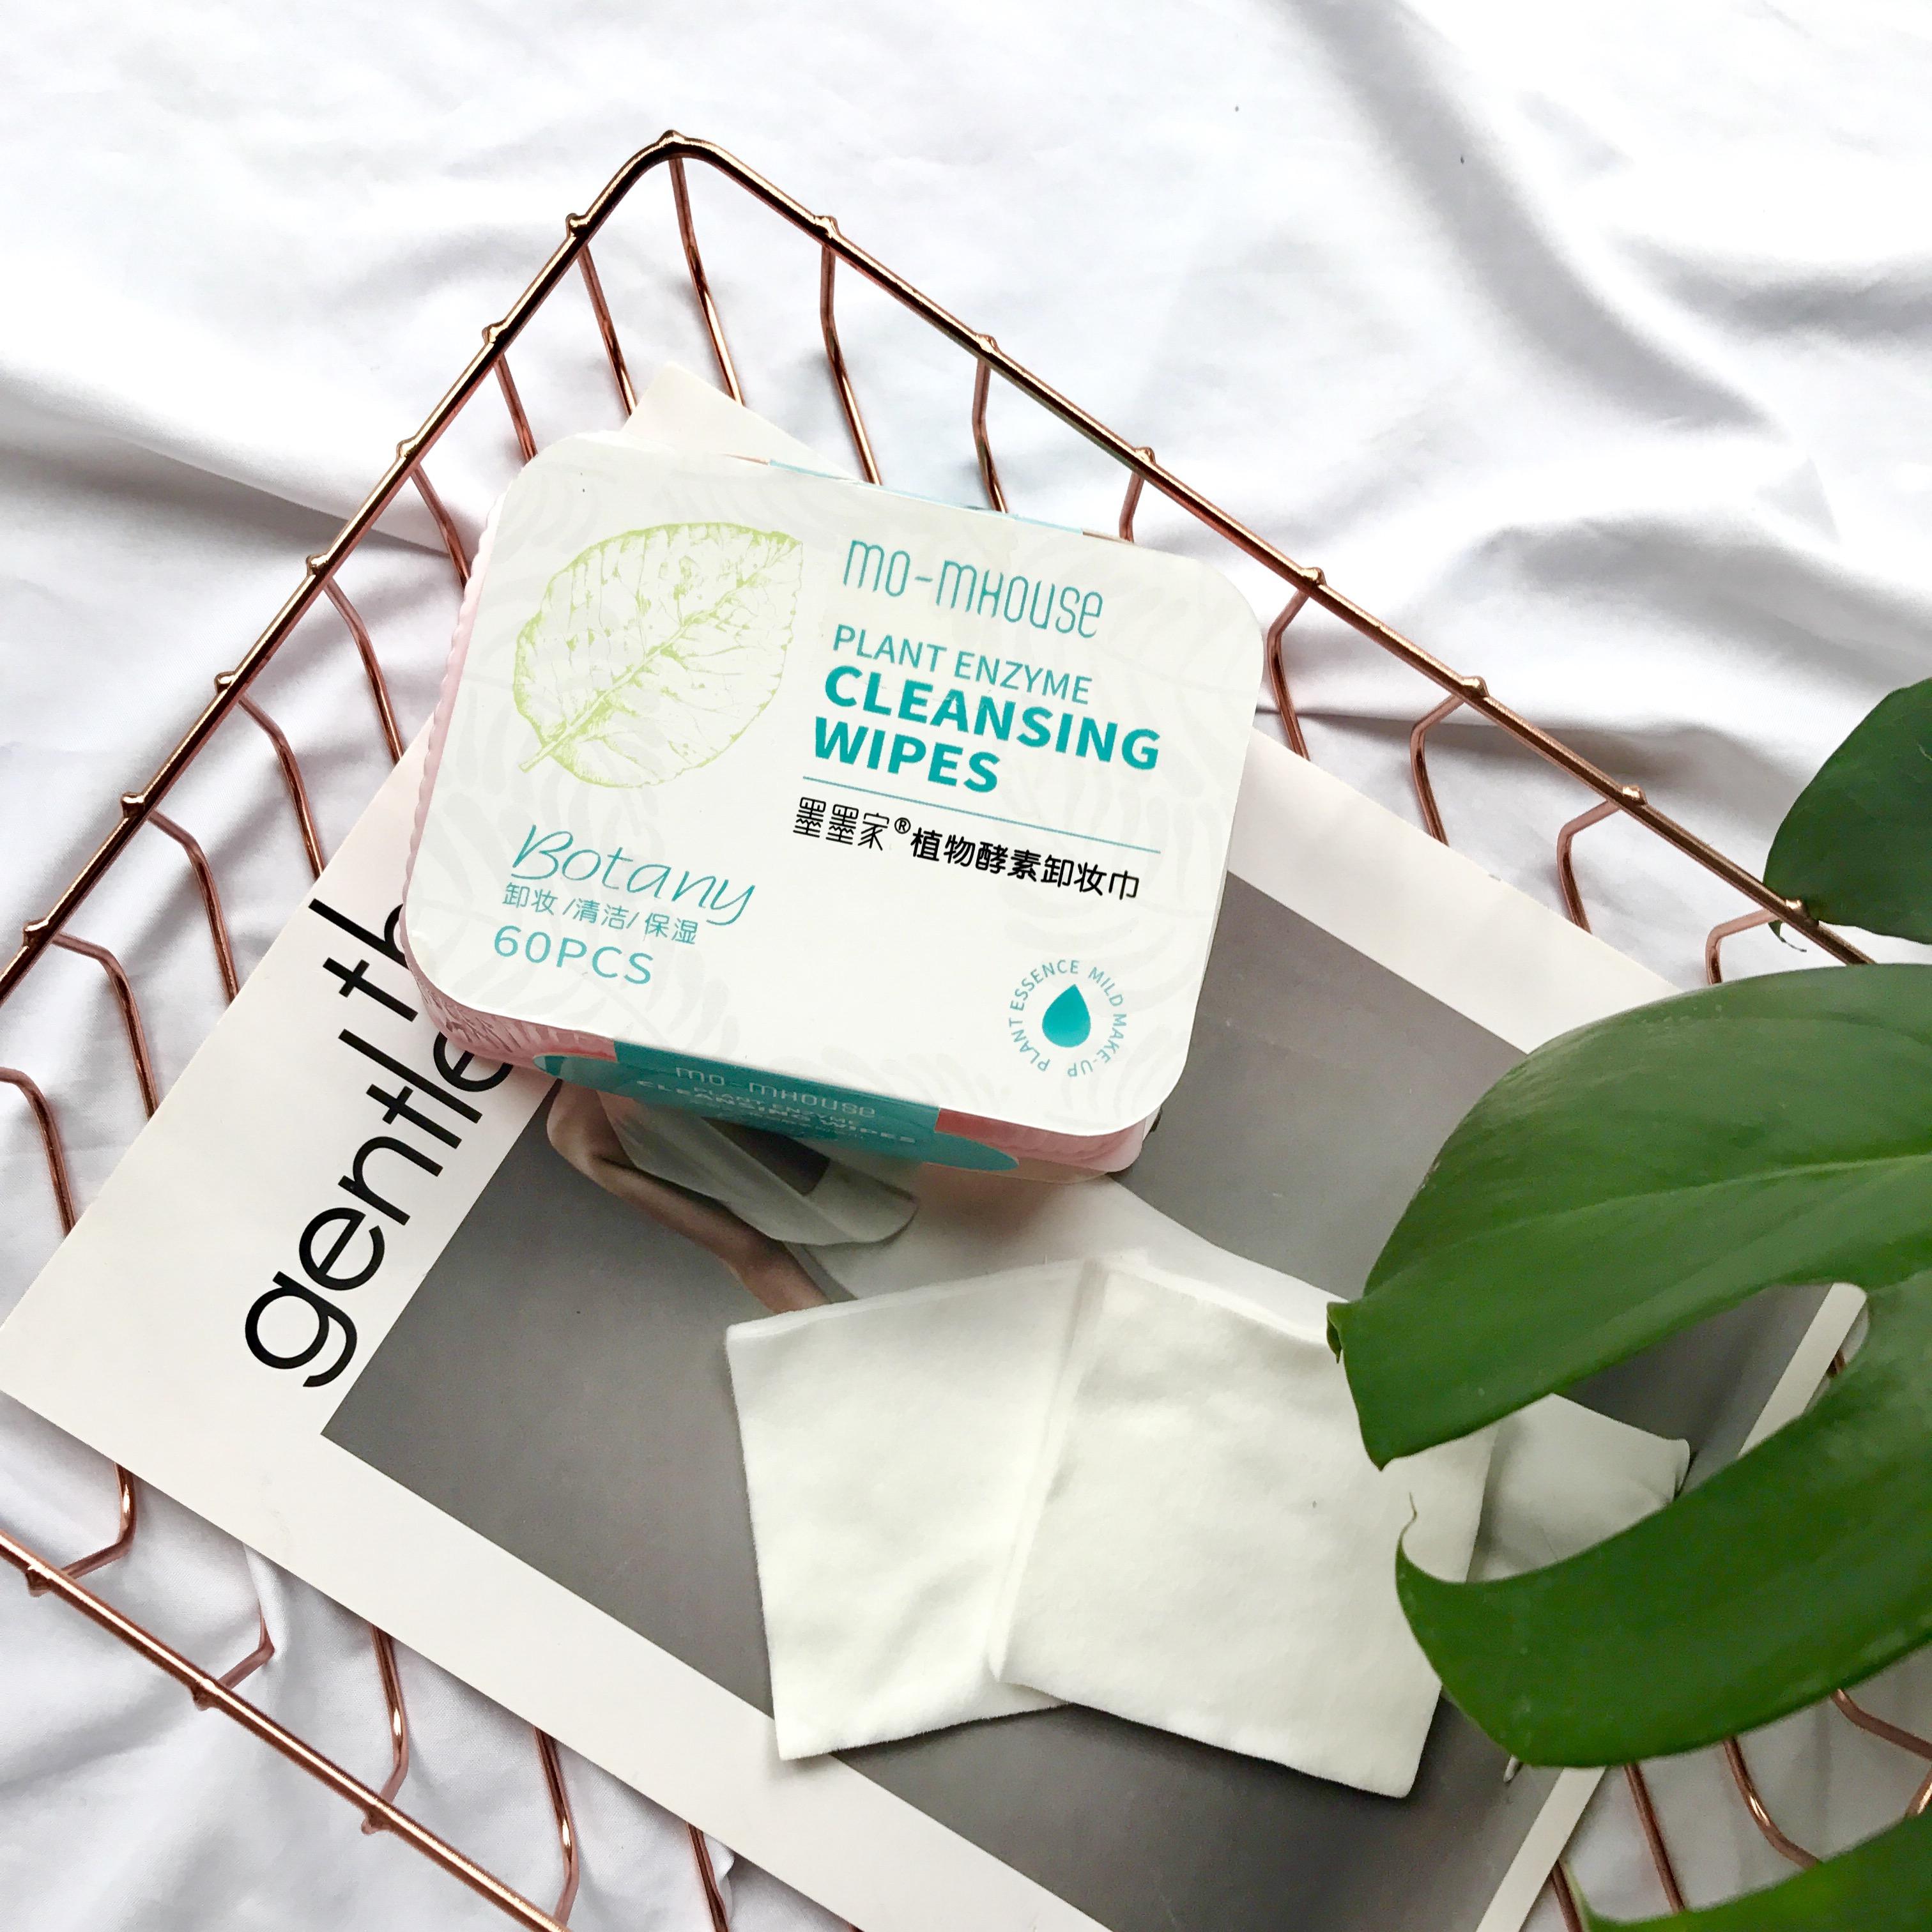 【15天发货】墨墨家 植物酵素卸妆巾 一盒60片 三盒包邮